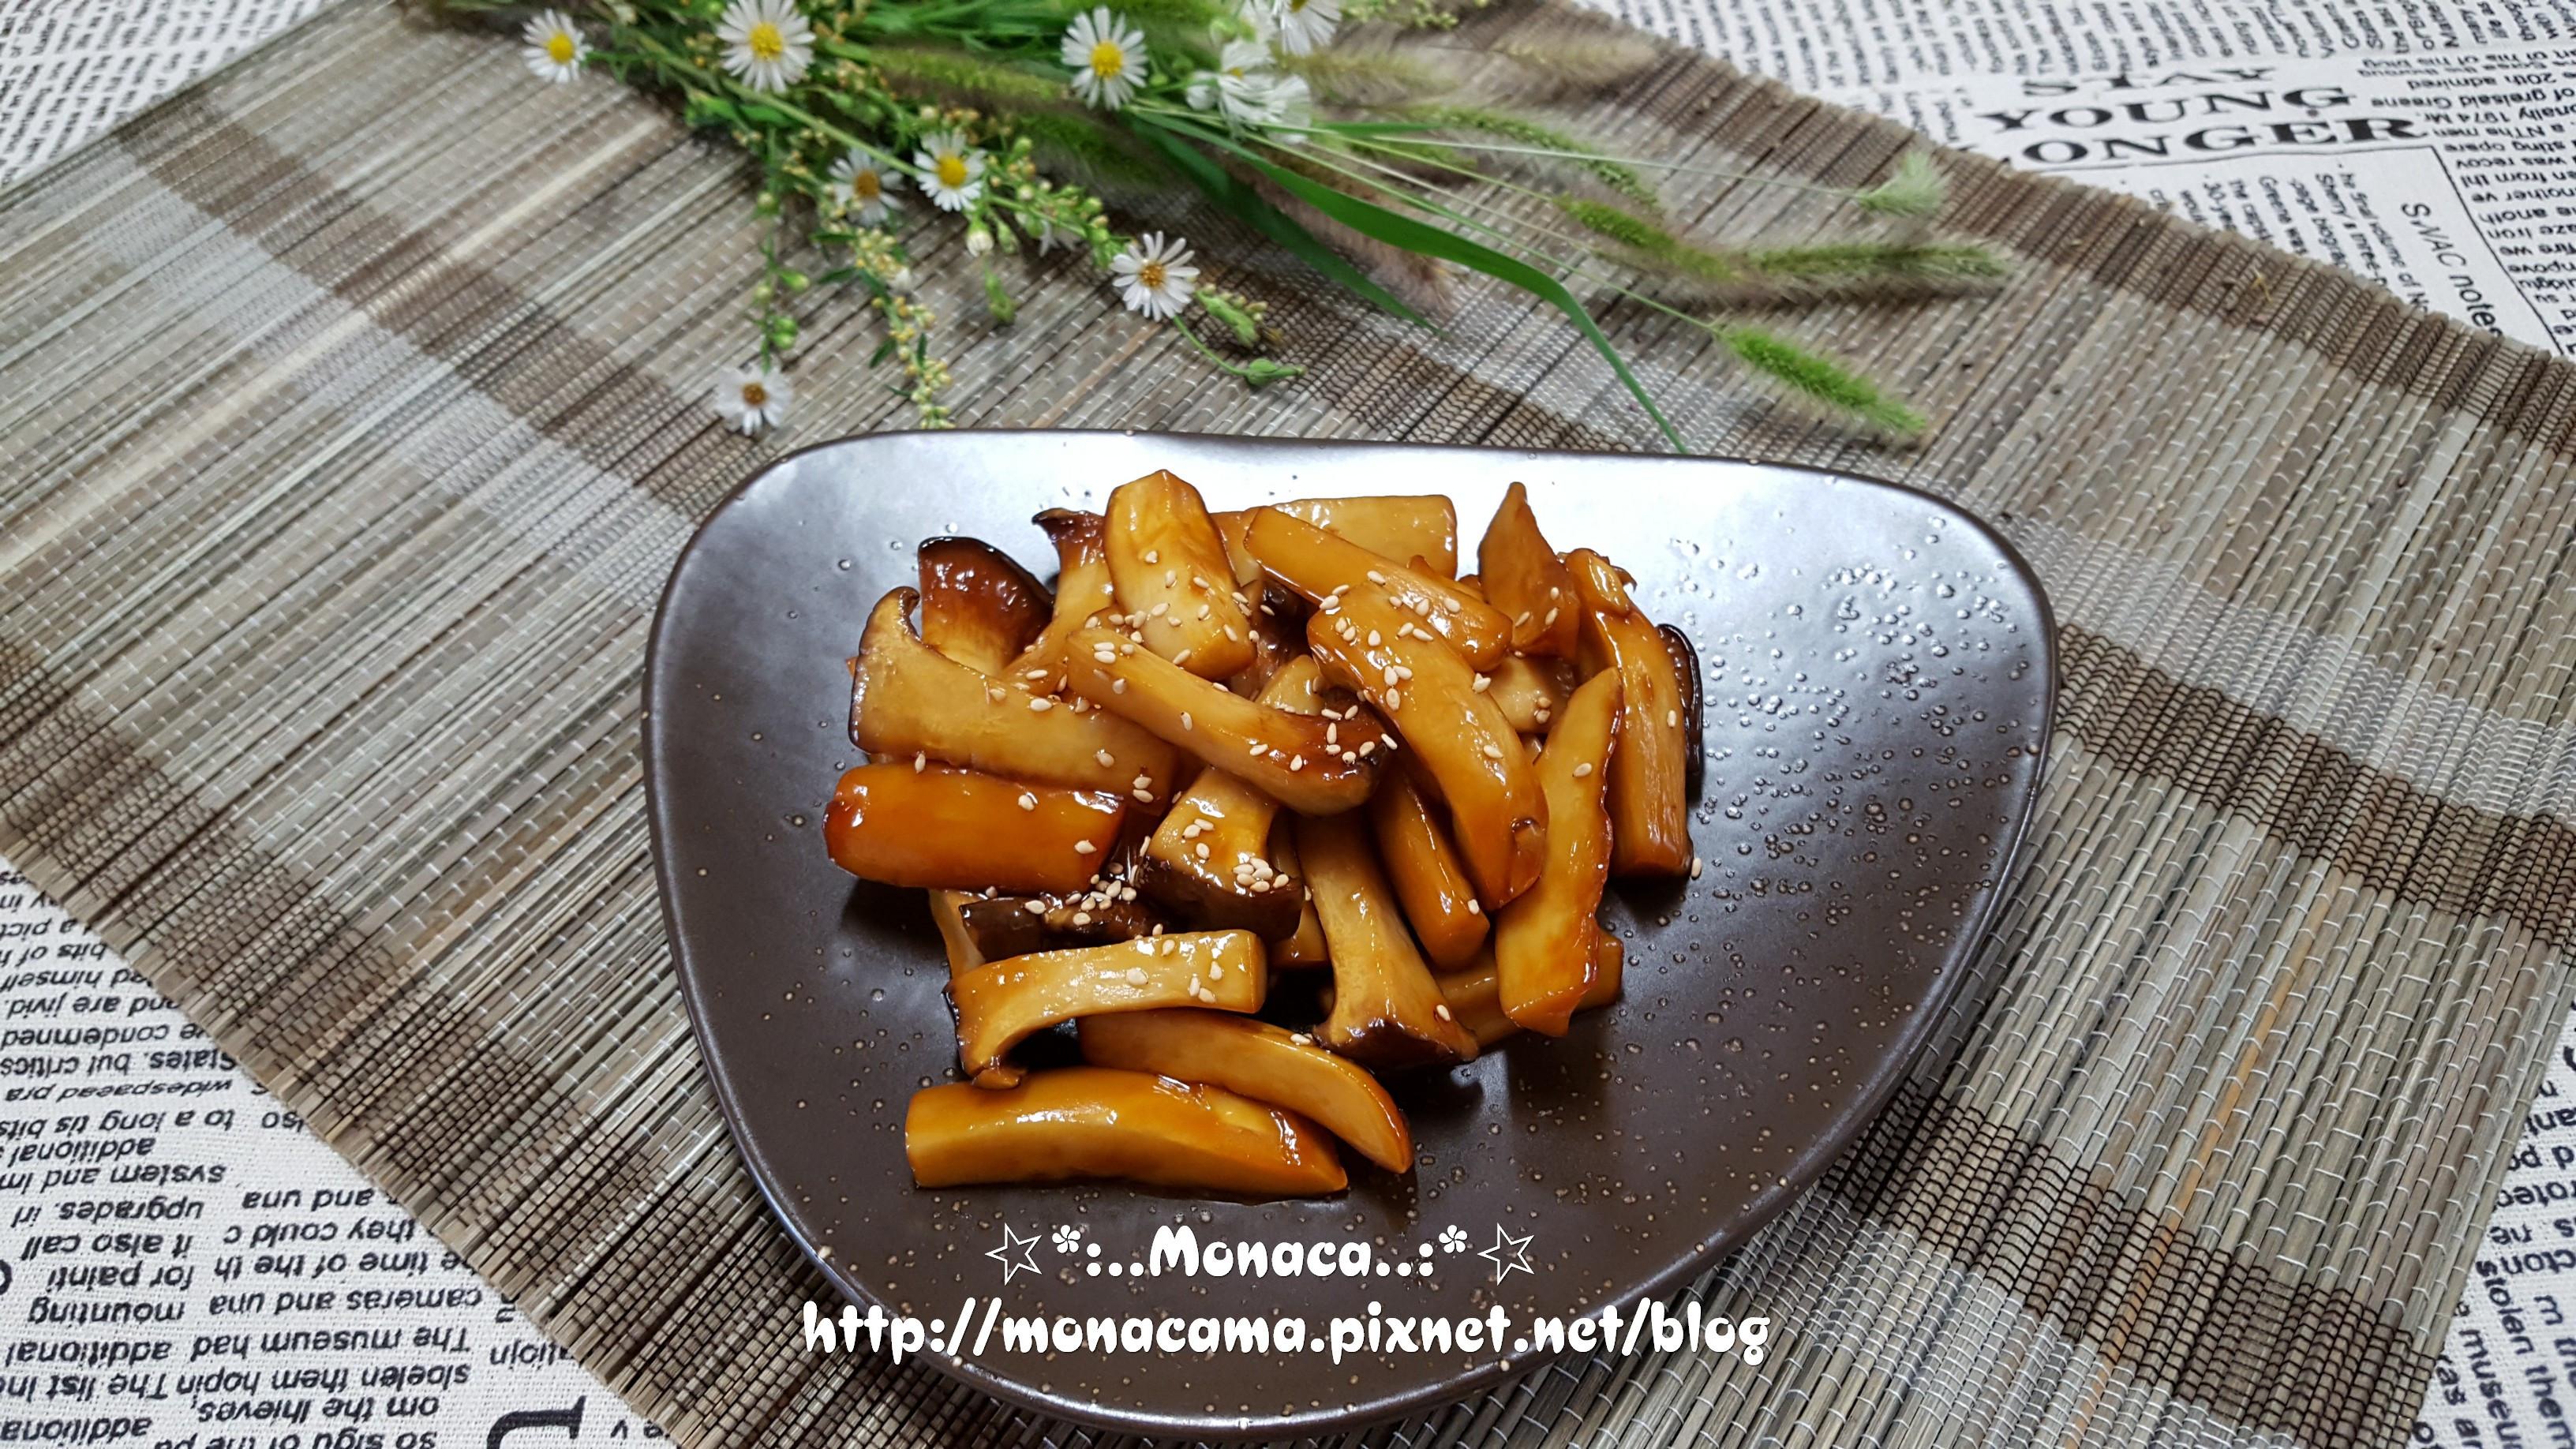 韓式醬煮杏鮑菇새송이버섯조림